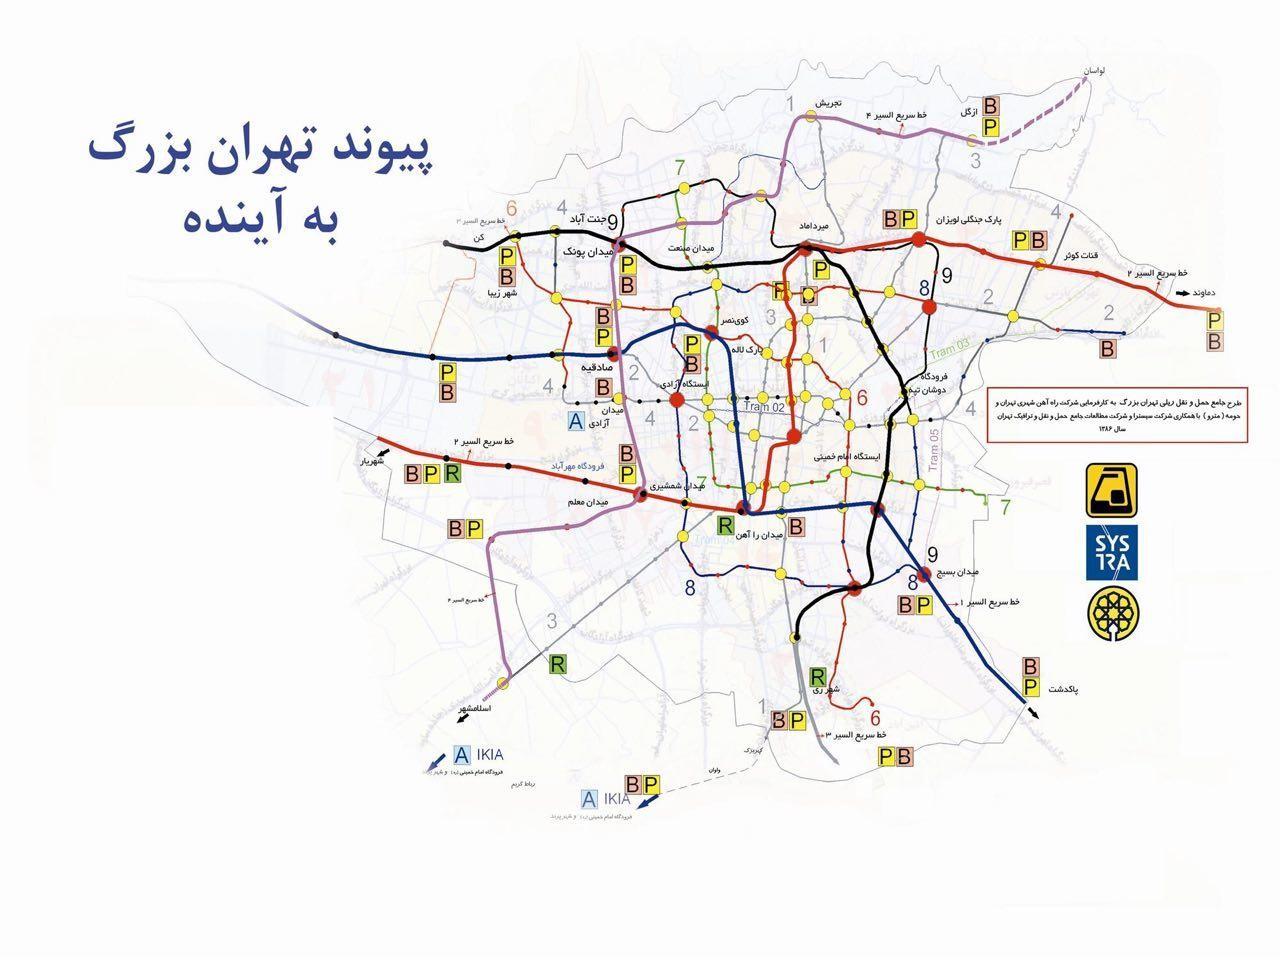 لزوم نگاه کل نگر در توسعه سیستم حمل و نقل شهر تهران